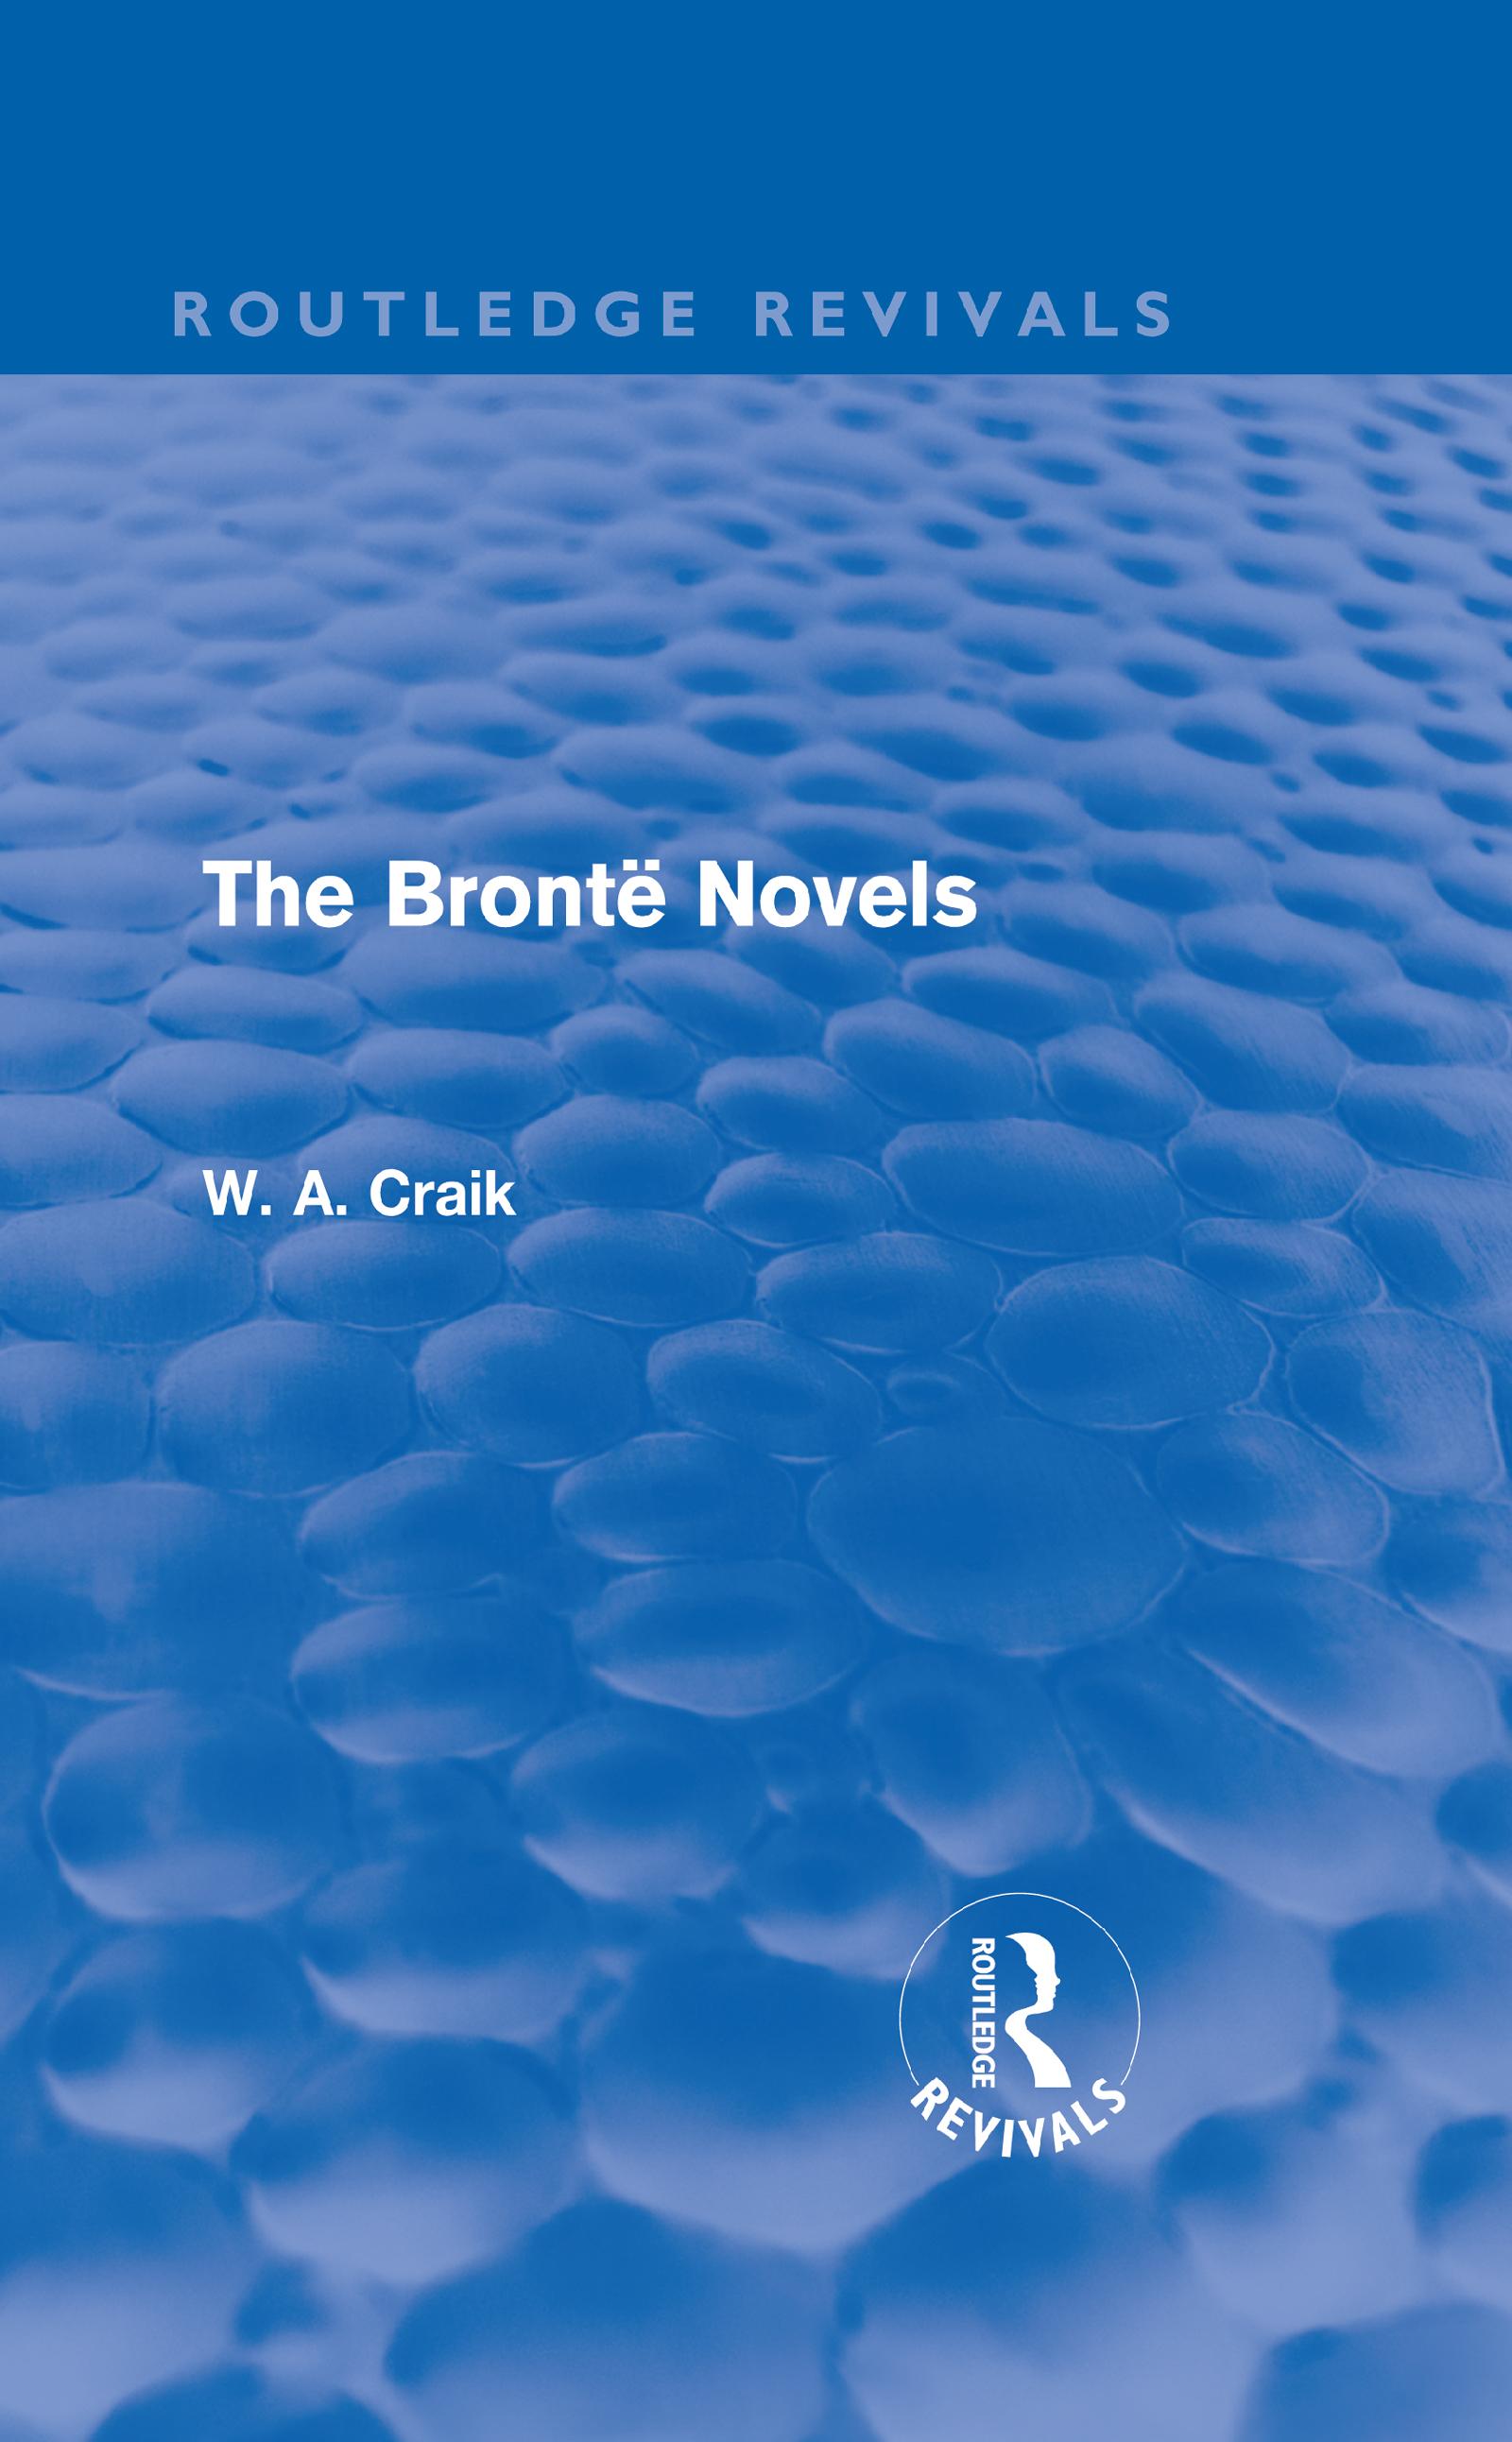 The Brontë Novels (Routledge Revivals) (Hardback) book cover